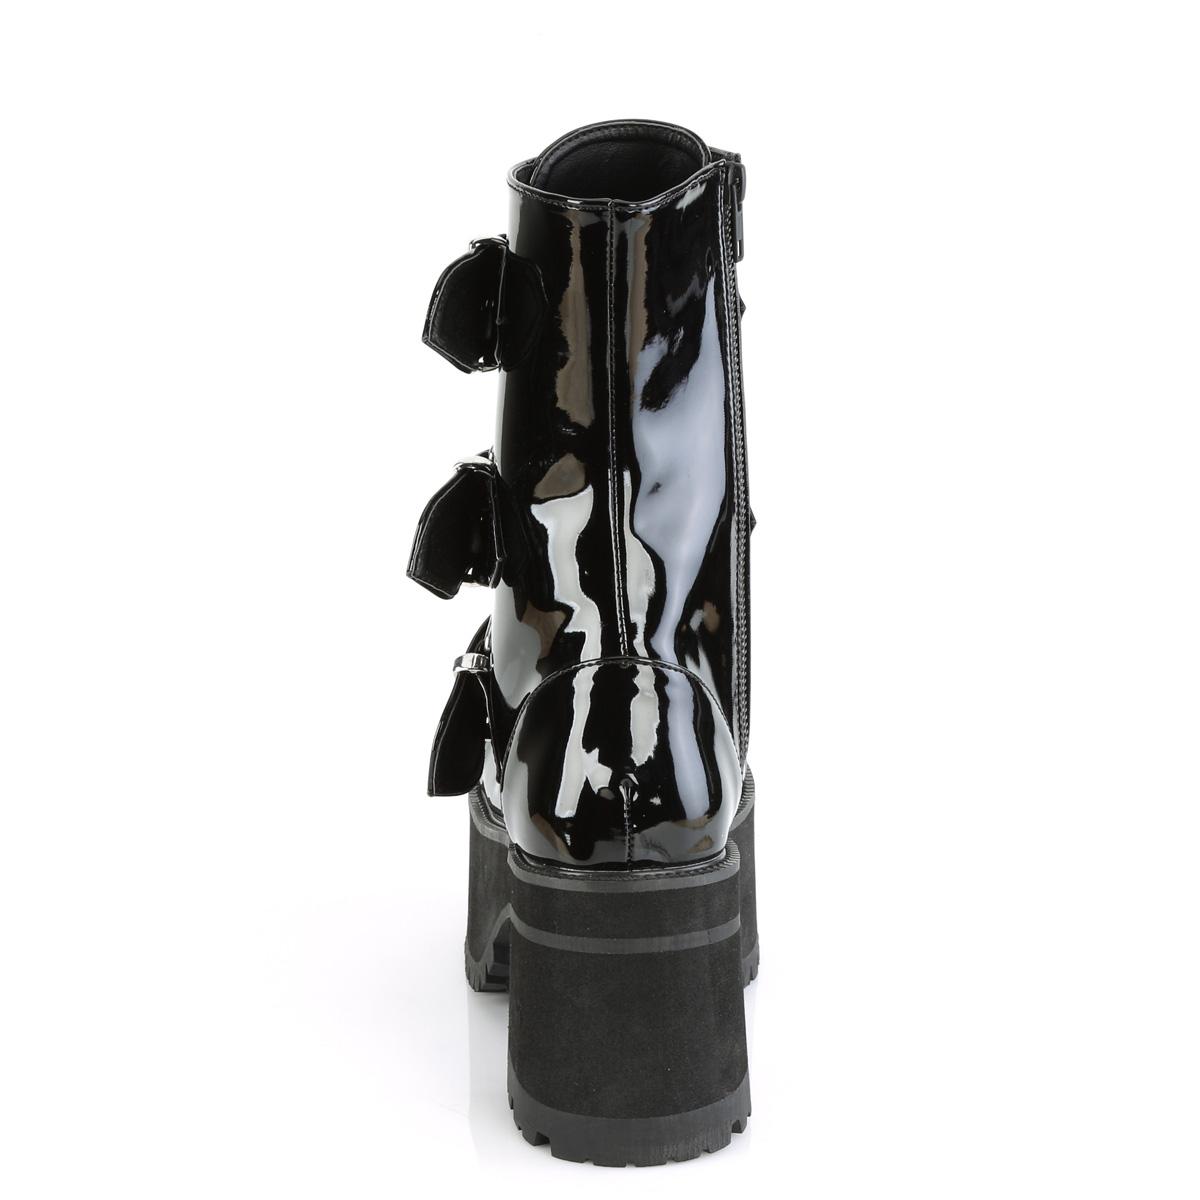 Demonia(デモニア) RANGER-308 トリプルバックルストラップ 厚底ショートブーツ サイドジップ エナメル黒◆取り寄せ